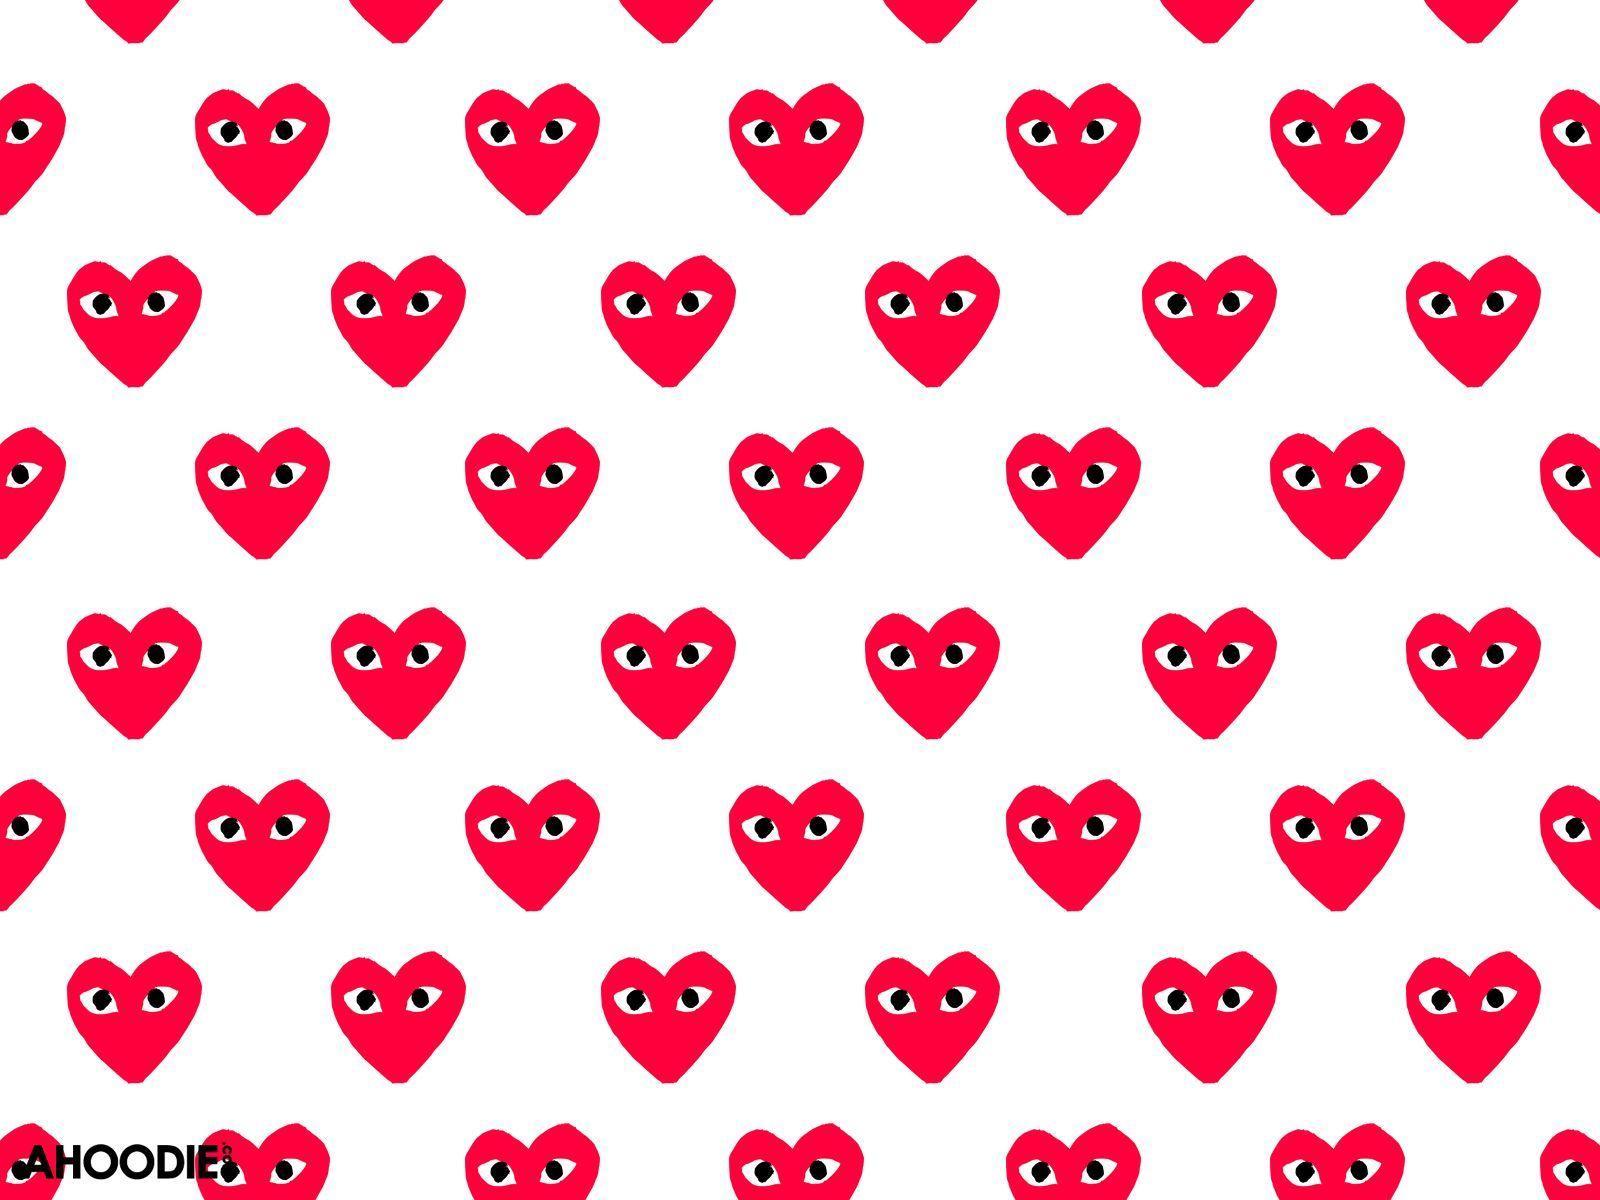 Comme Des Garcons Heart Wallpapers Top Free Comme Des